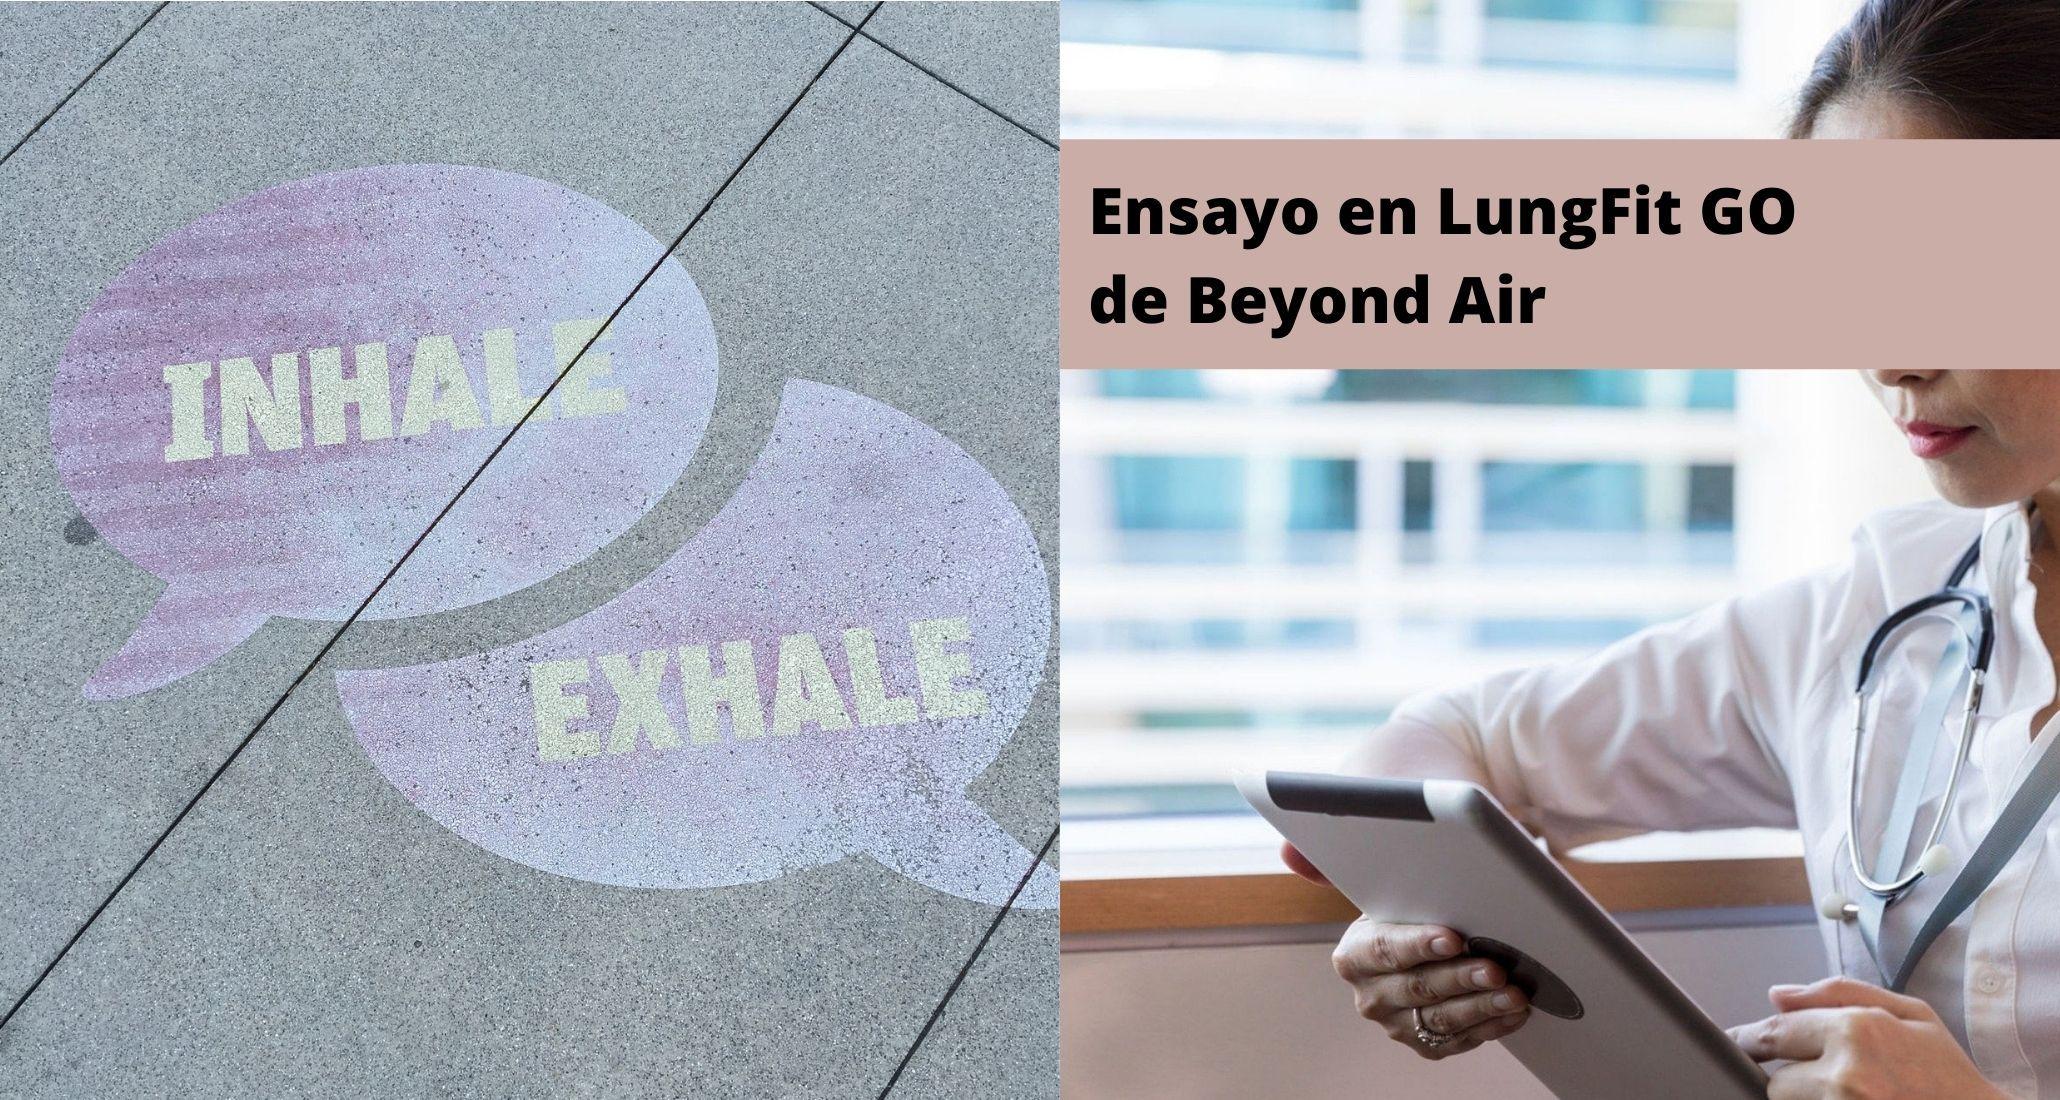 Beyond air blog